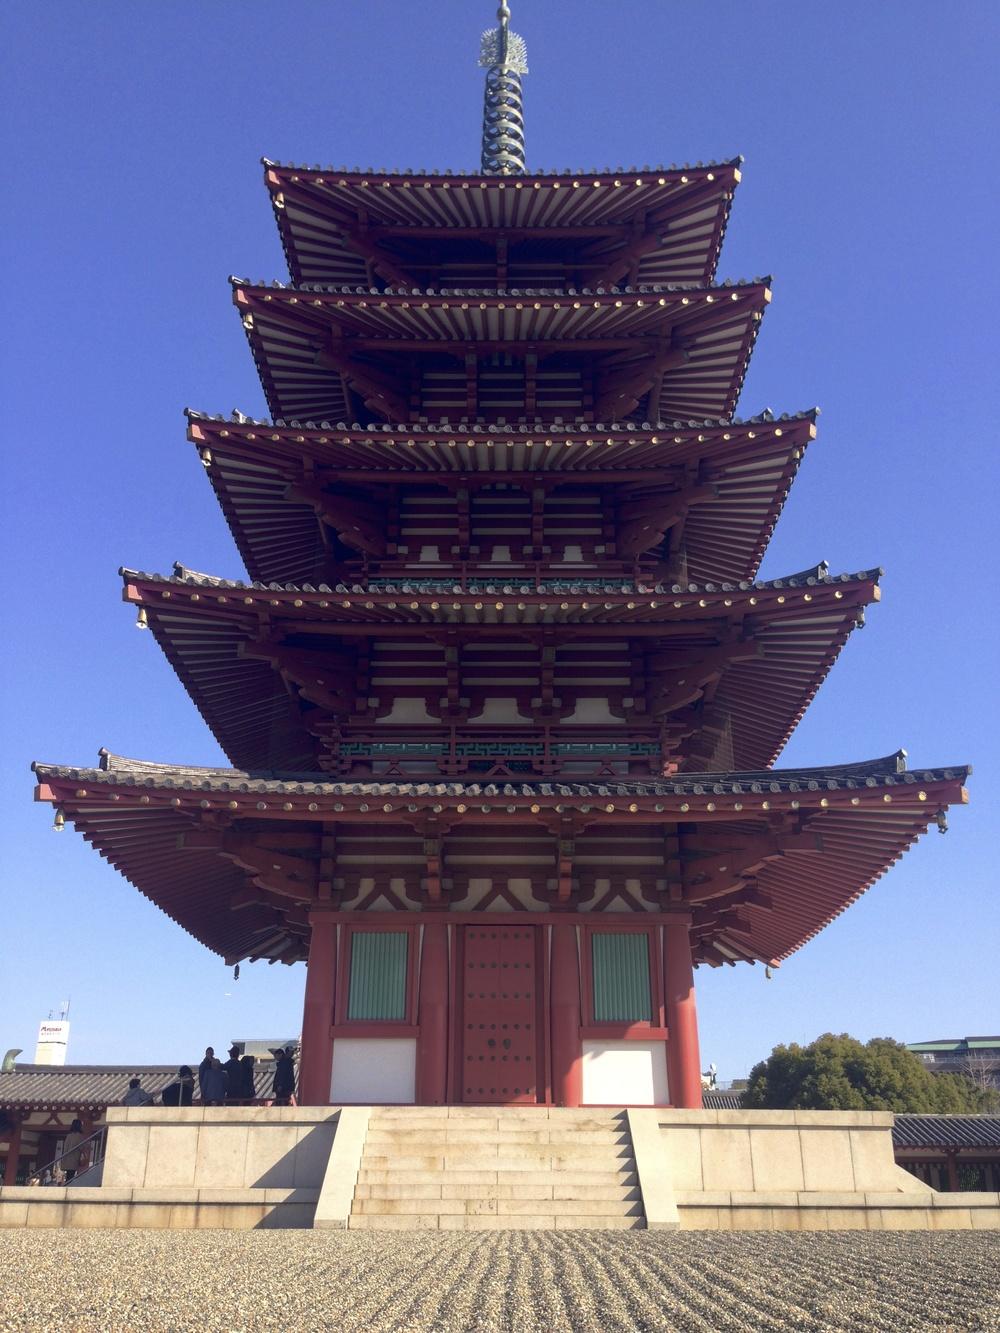 Shitenno-ji pagoda